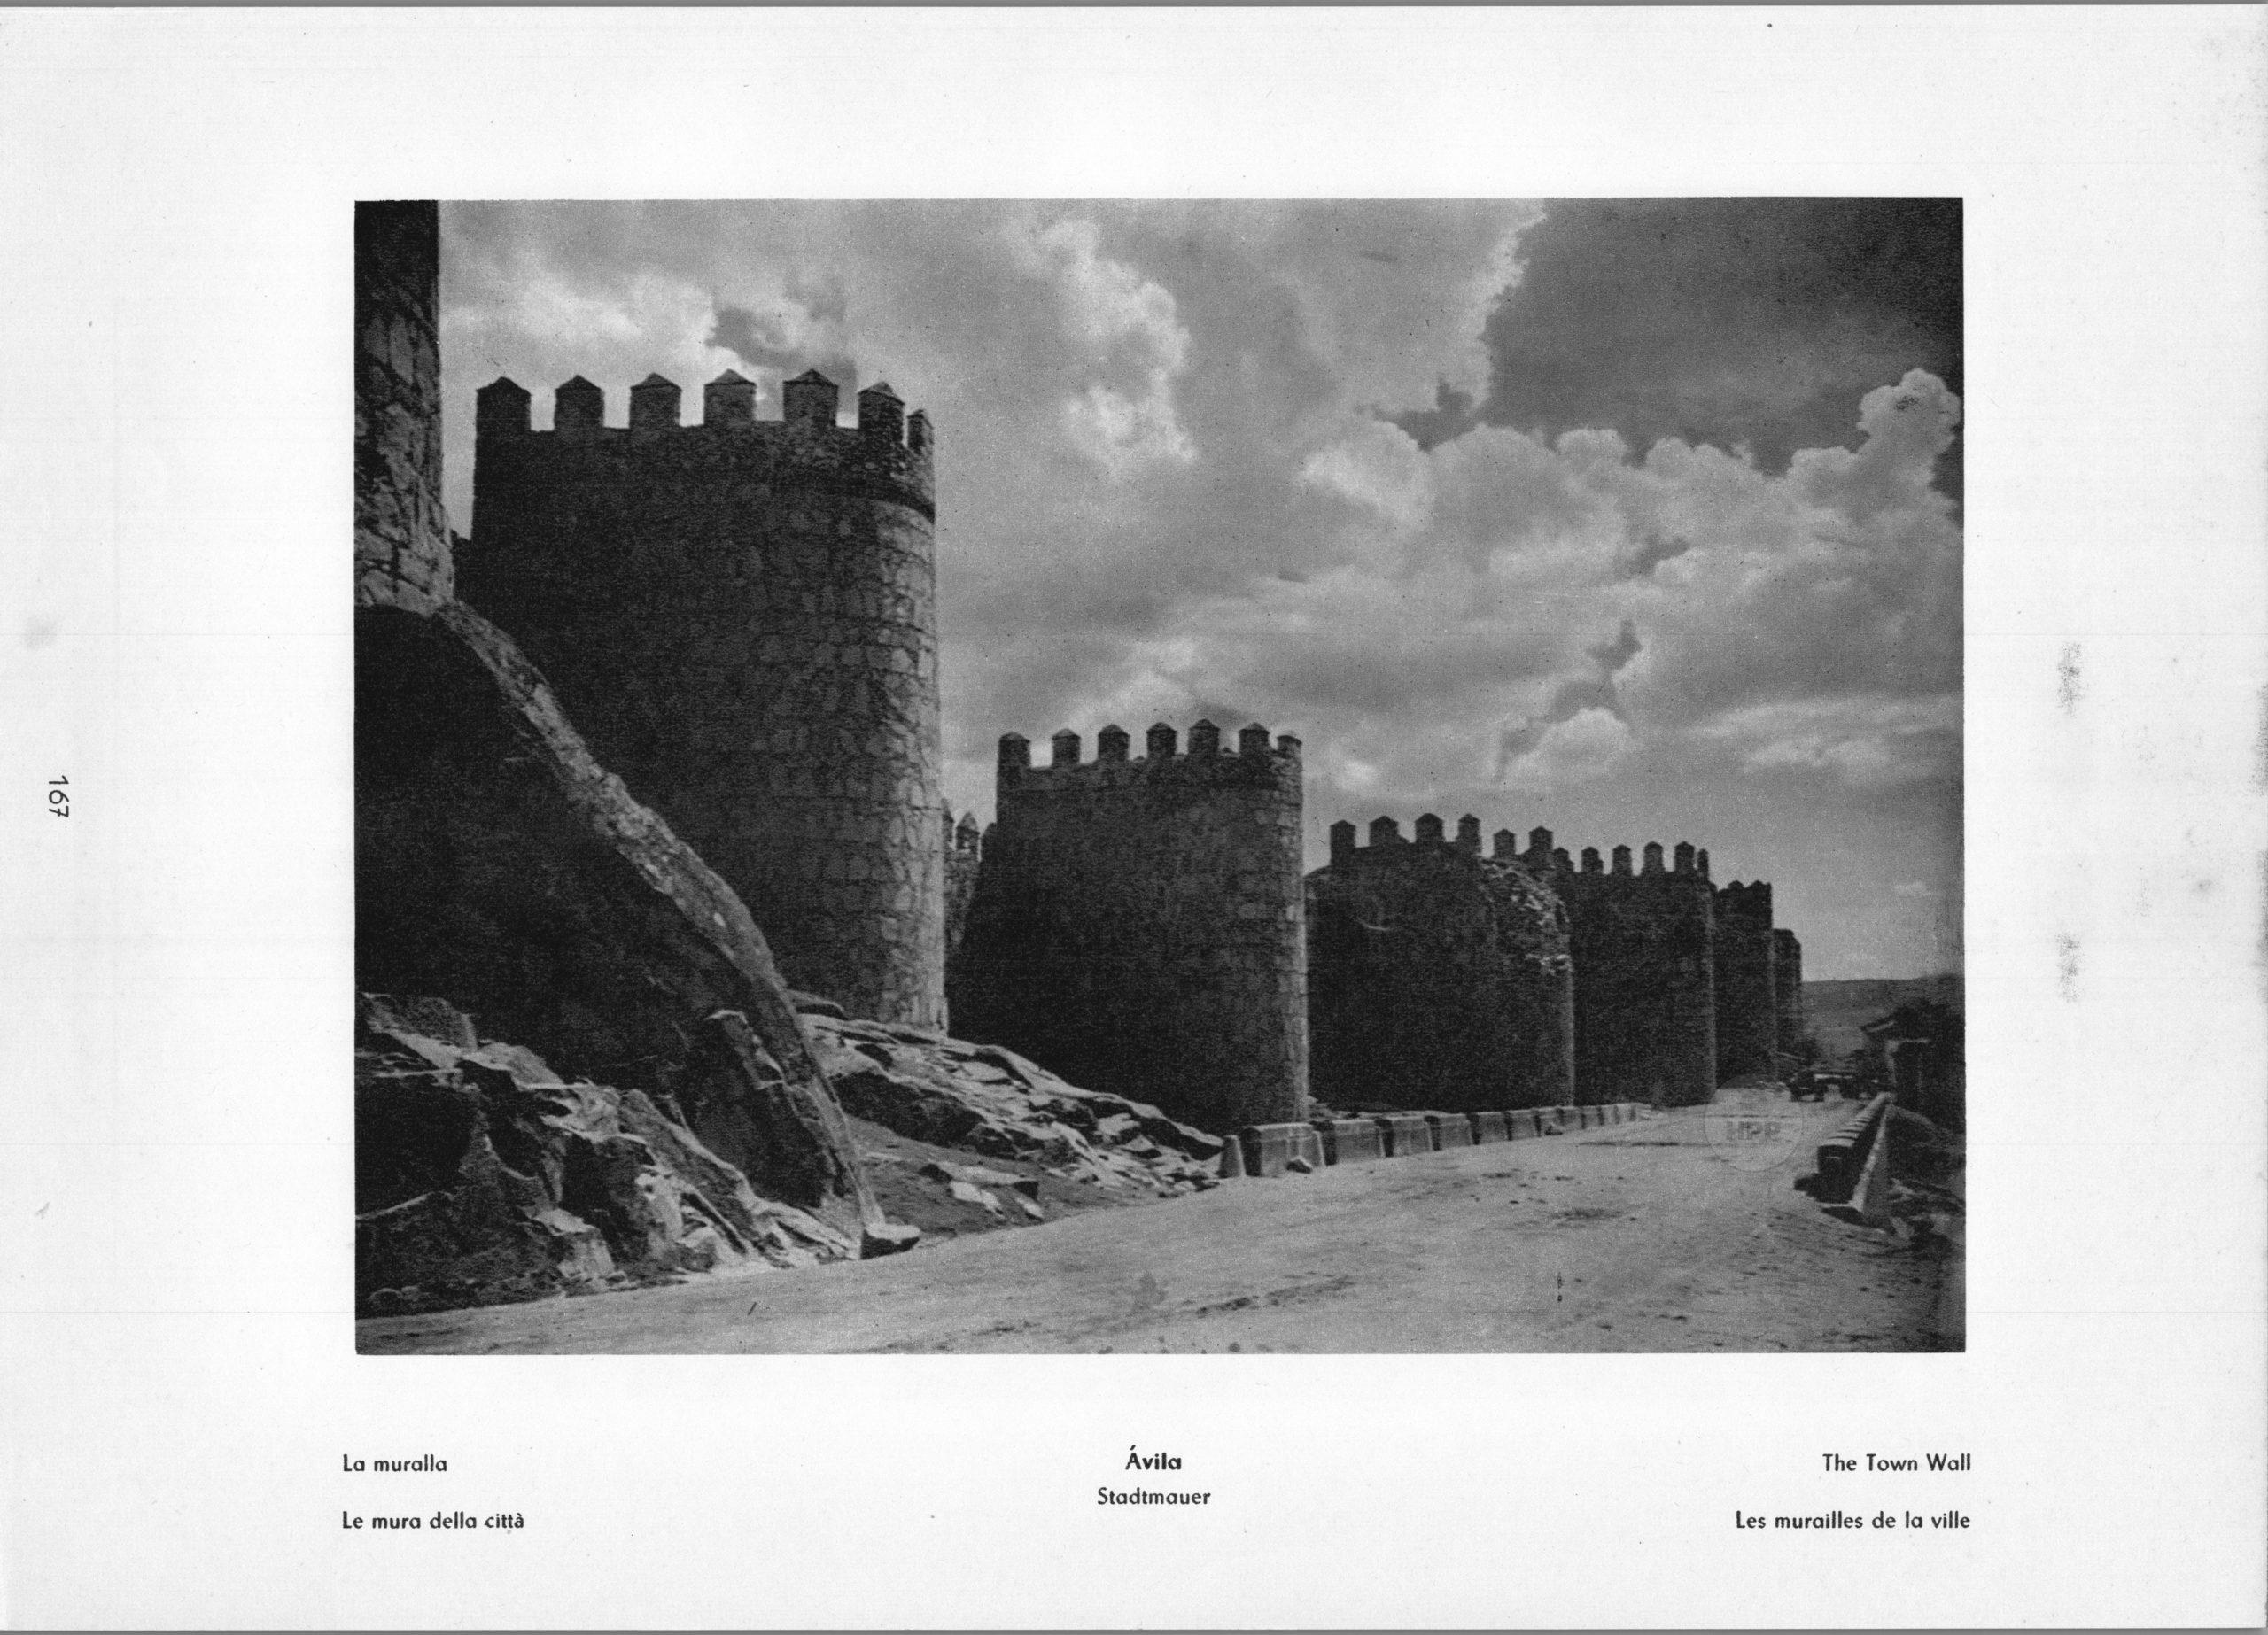 Ávila - Town Wall